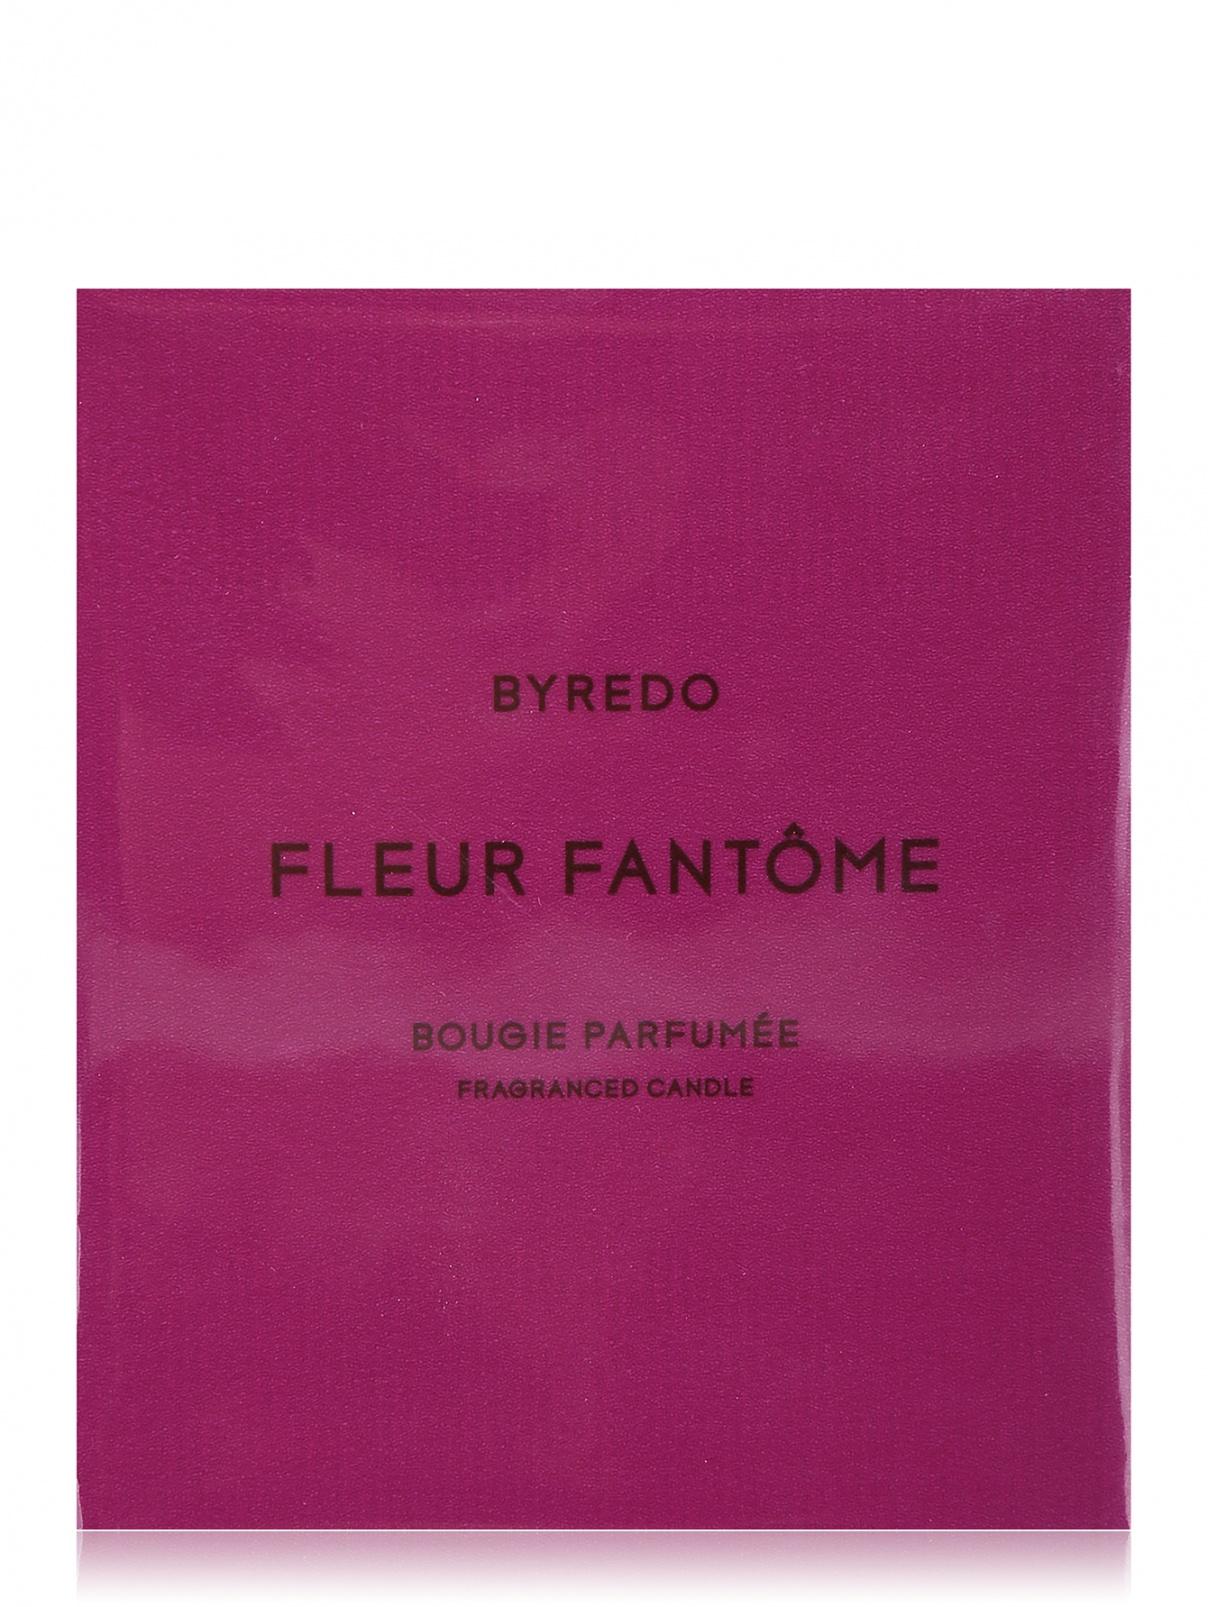 Свеча 240 г FLEUR FANTOME Candles Byredo  –  Общий вид